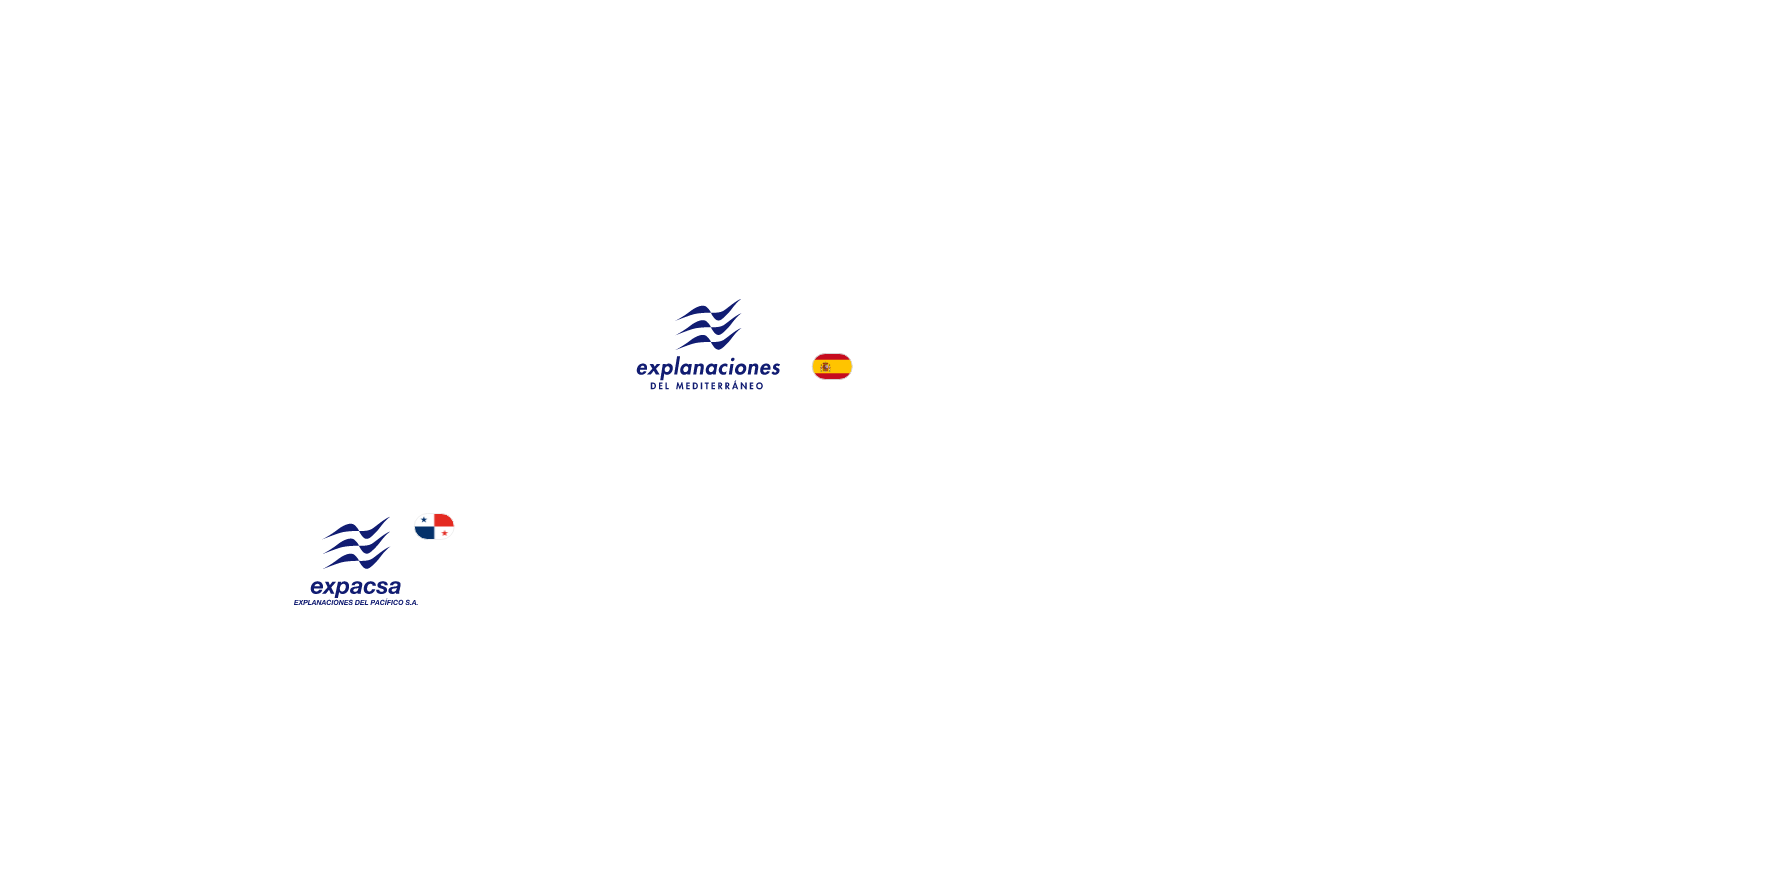 mapa internacional explanaciones